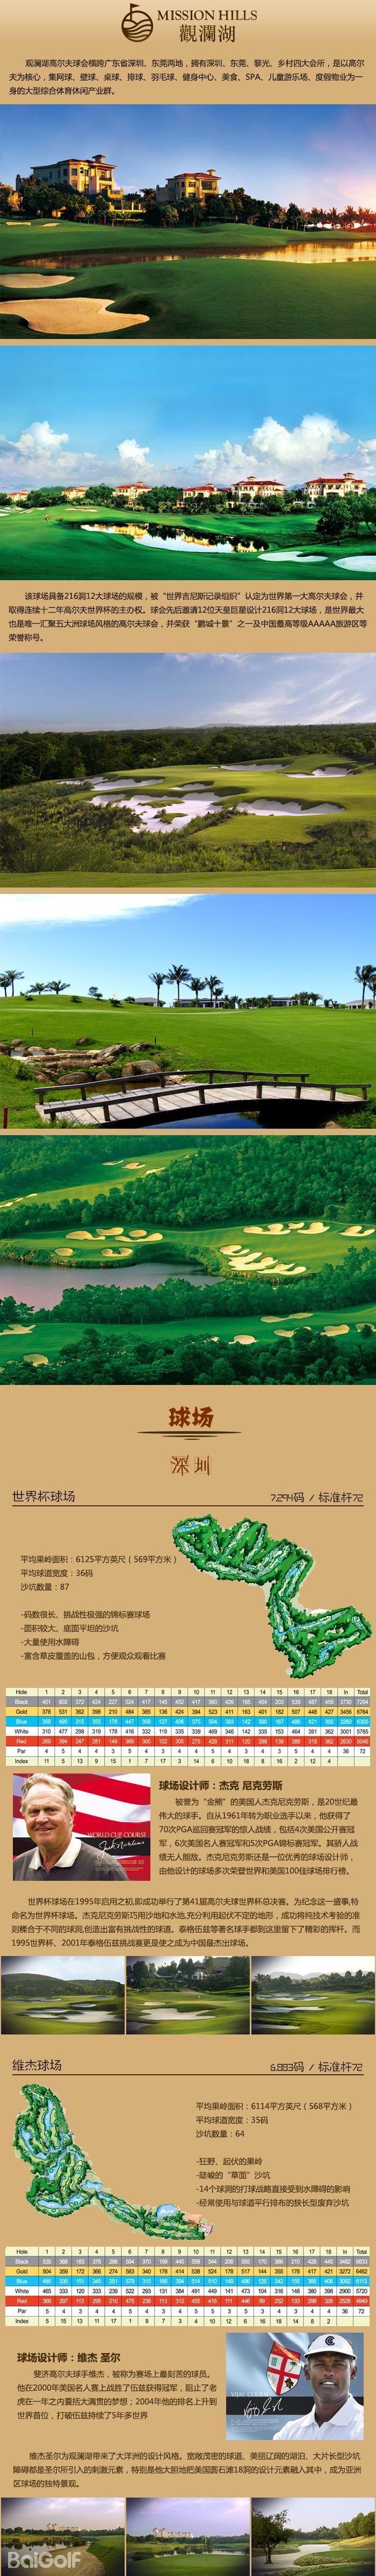 观澜湖高尔夫球会简介